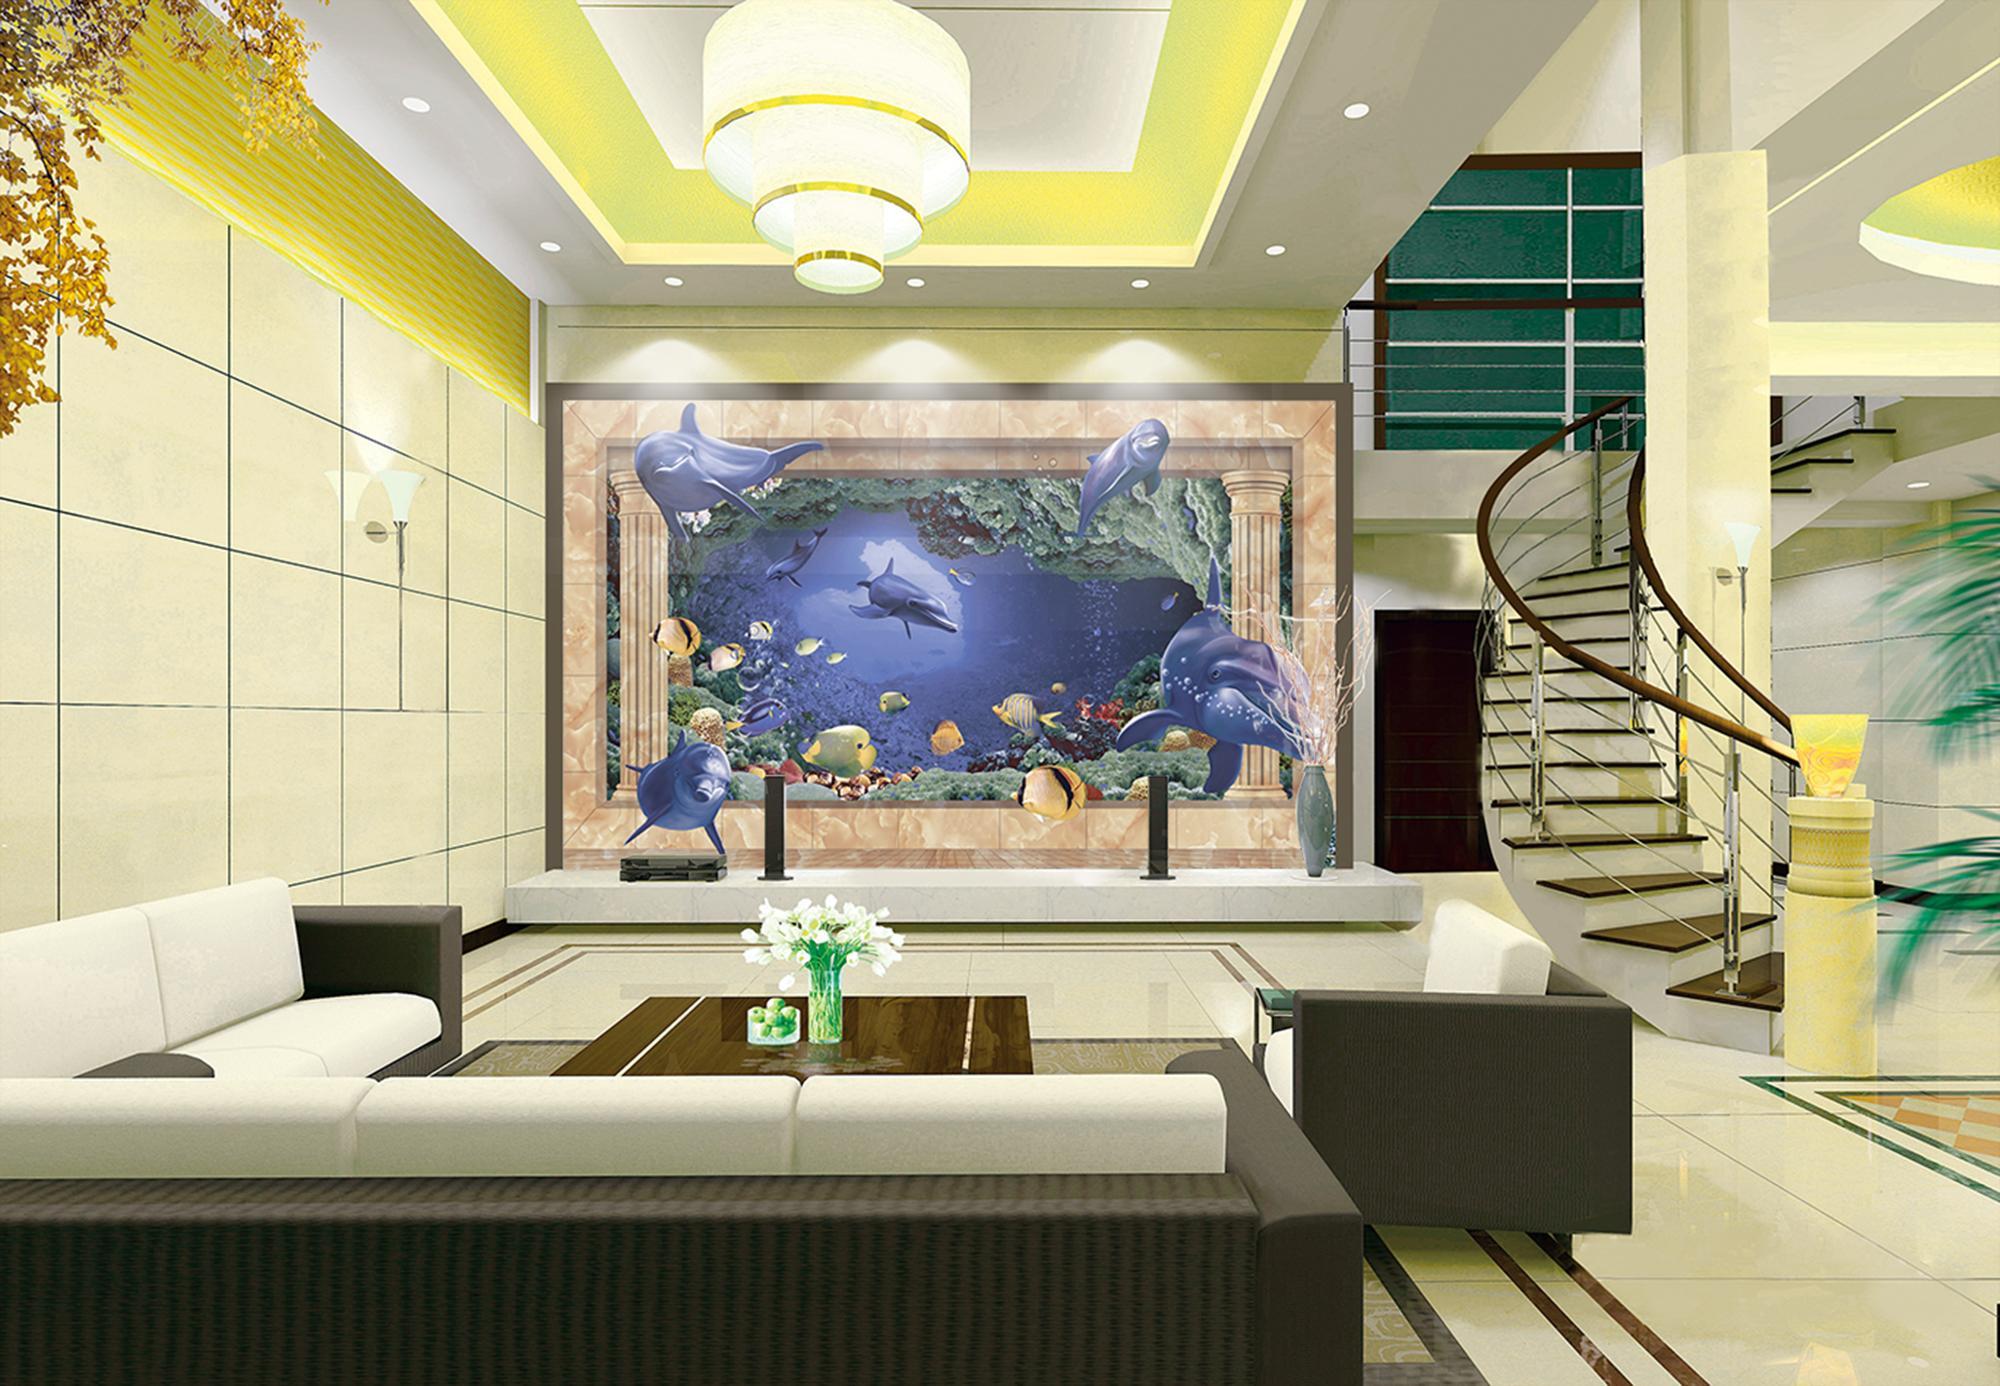 3d Toilet Lantai Ubin Keramik Desain 3d Ubin Untuk Kamar Tidur 3d Ubin Untuk Kamar Mandi Buy 3d Ubin Untuk Kamar Mandi 3d Ubin Untuk Kamar Tidur 3d